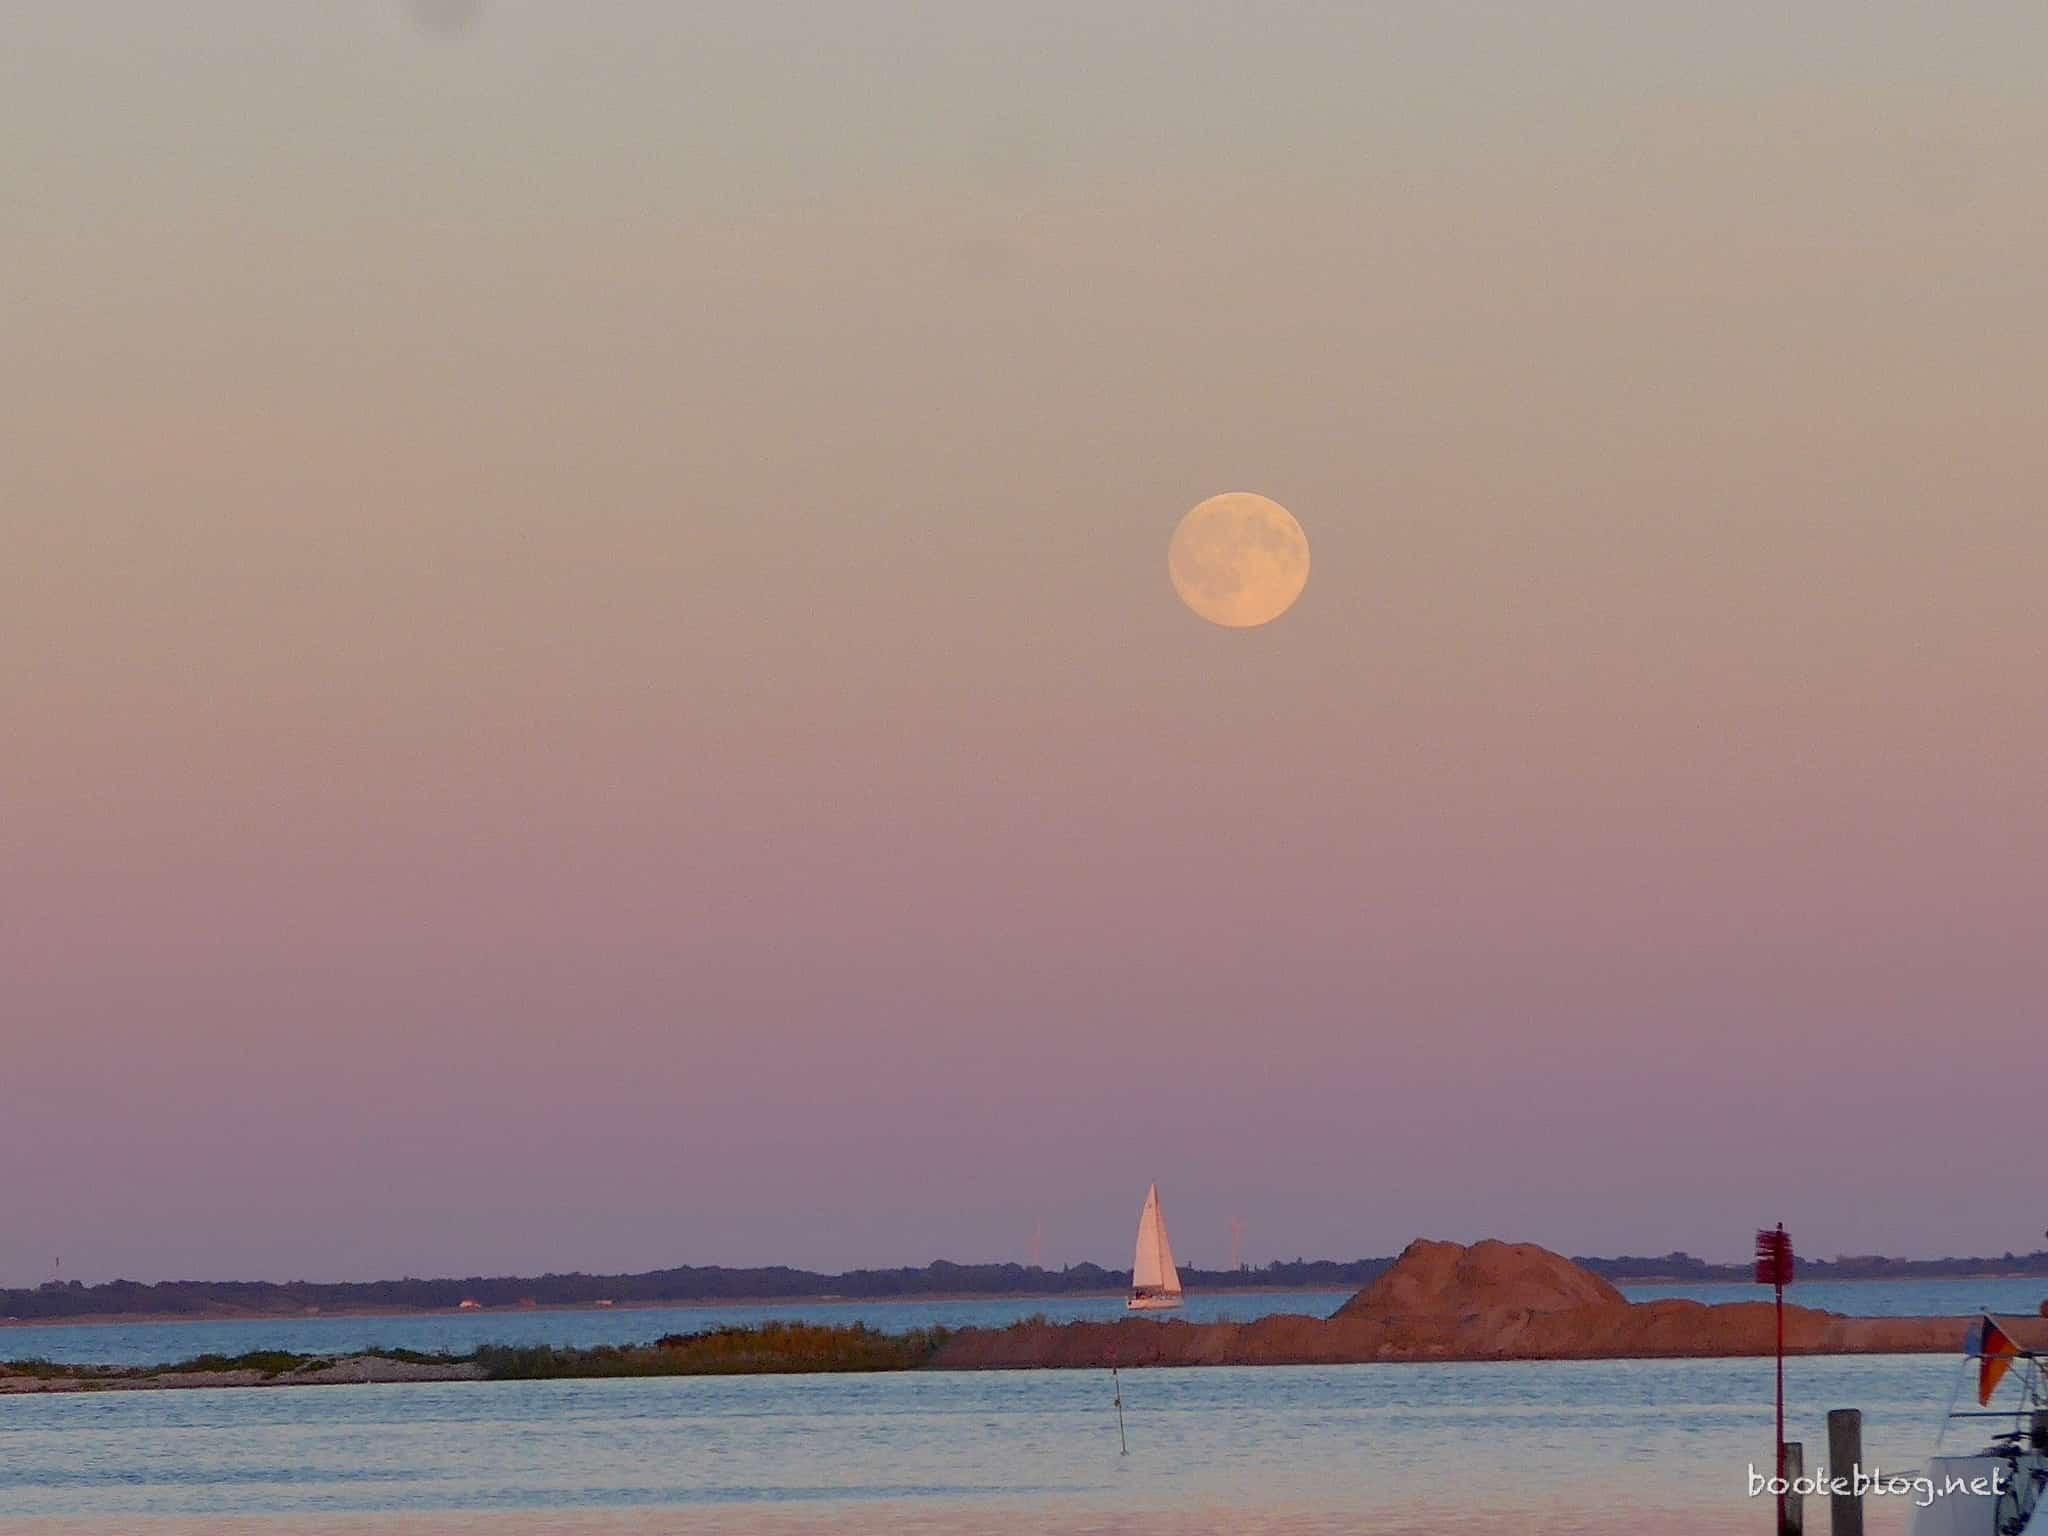 Und dazu noch ein toller Mond, ein einsamer Segler darunter - fast zu kitschig, um wahr zu sein! (Foto von Peter)